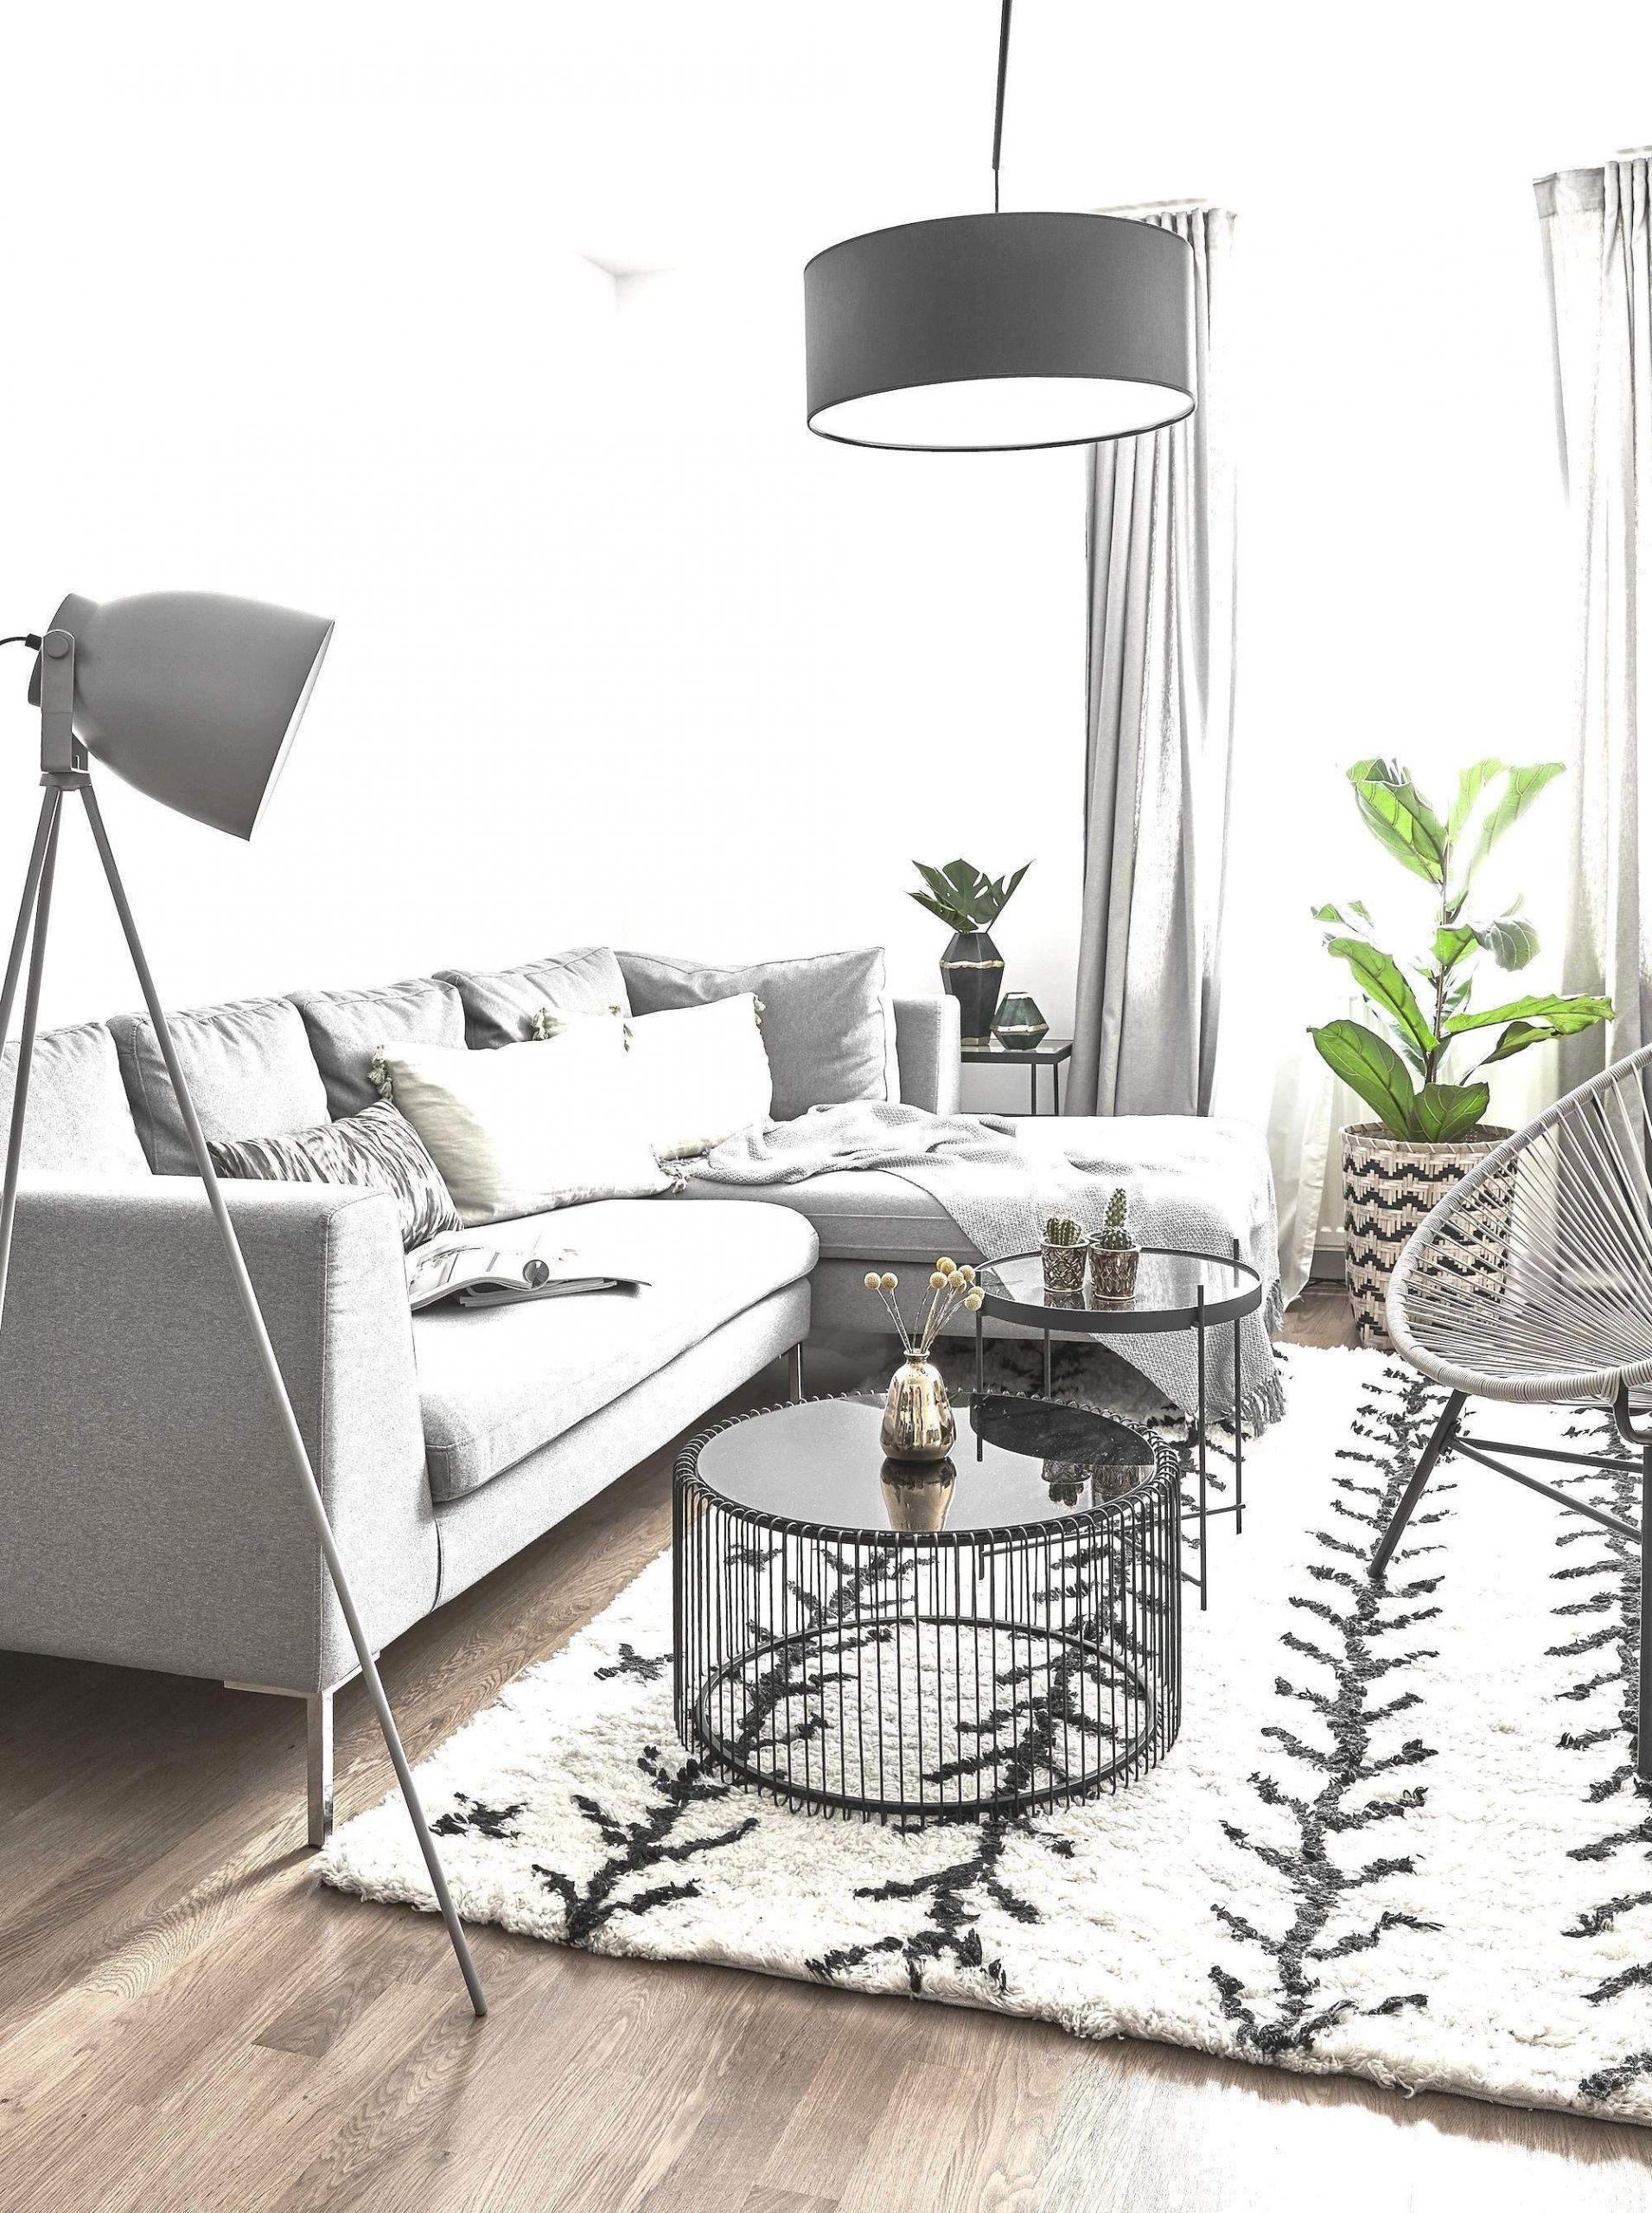 Full Size of Teppich Wohnzimmer Modern Frisch Reizend Deko Deckenleuchten Deckenlampe Wandtattoos Moderne Landhausküche Badezimmer Stehlampe Hängeleuchte Anbauwand Wohnzimmer Teppich Wohnzimmer Modern